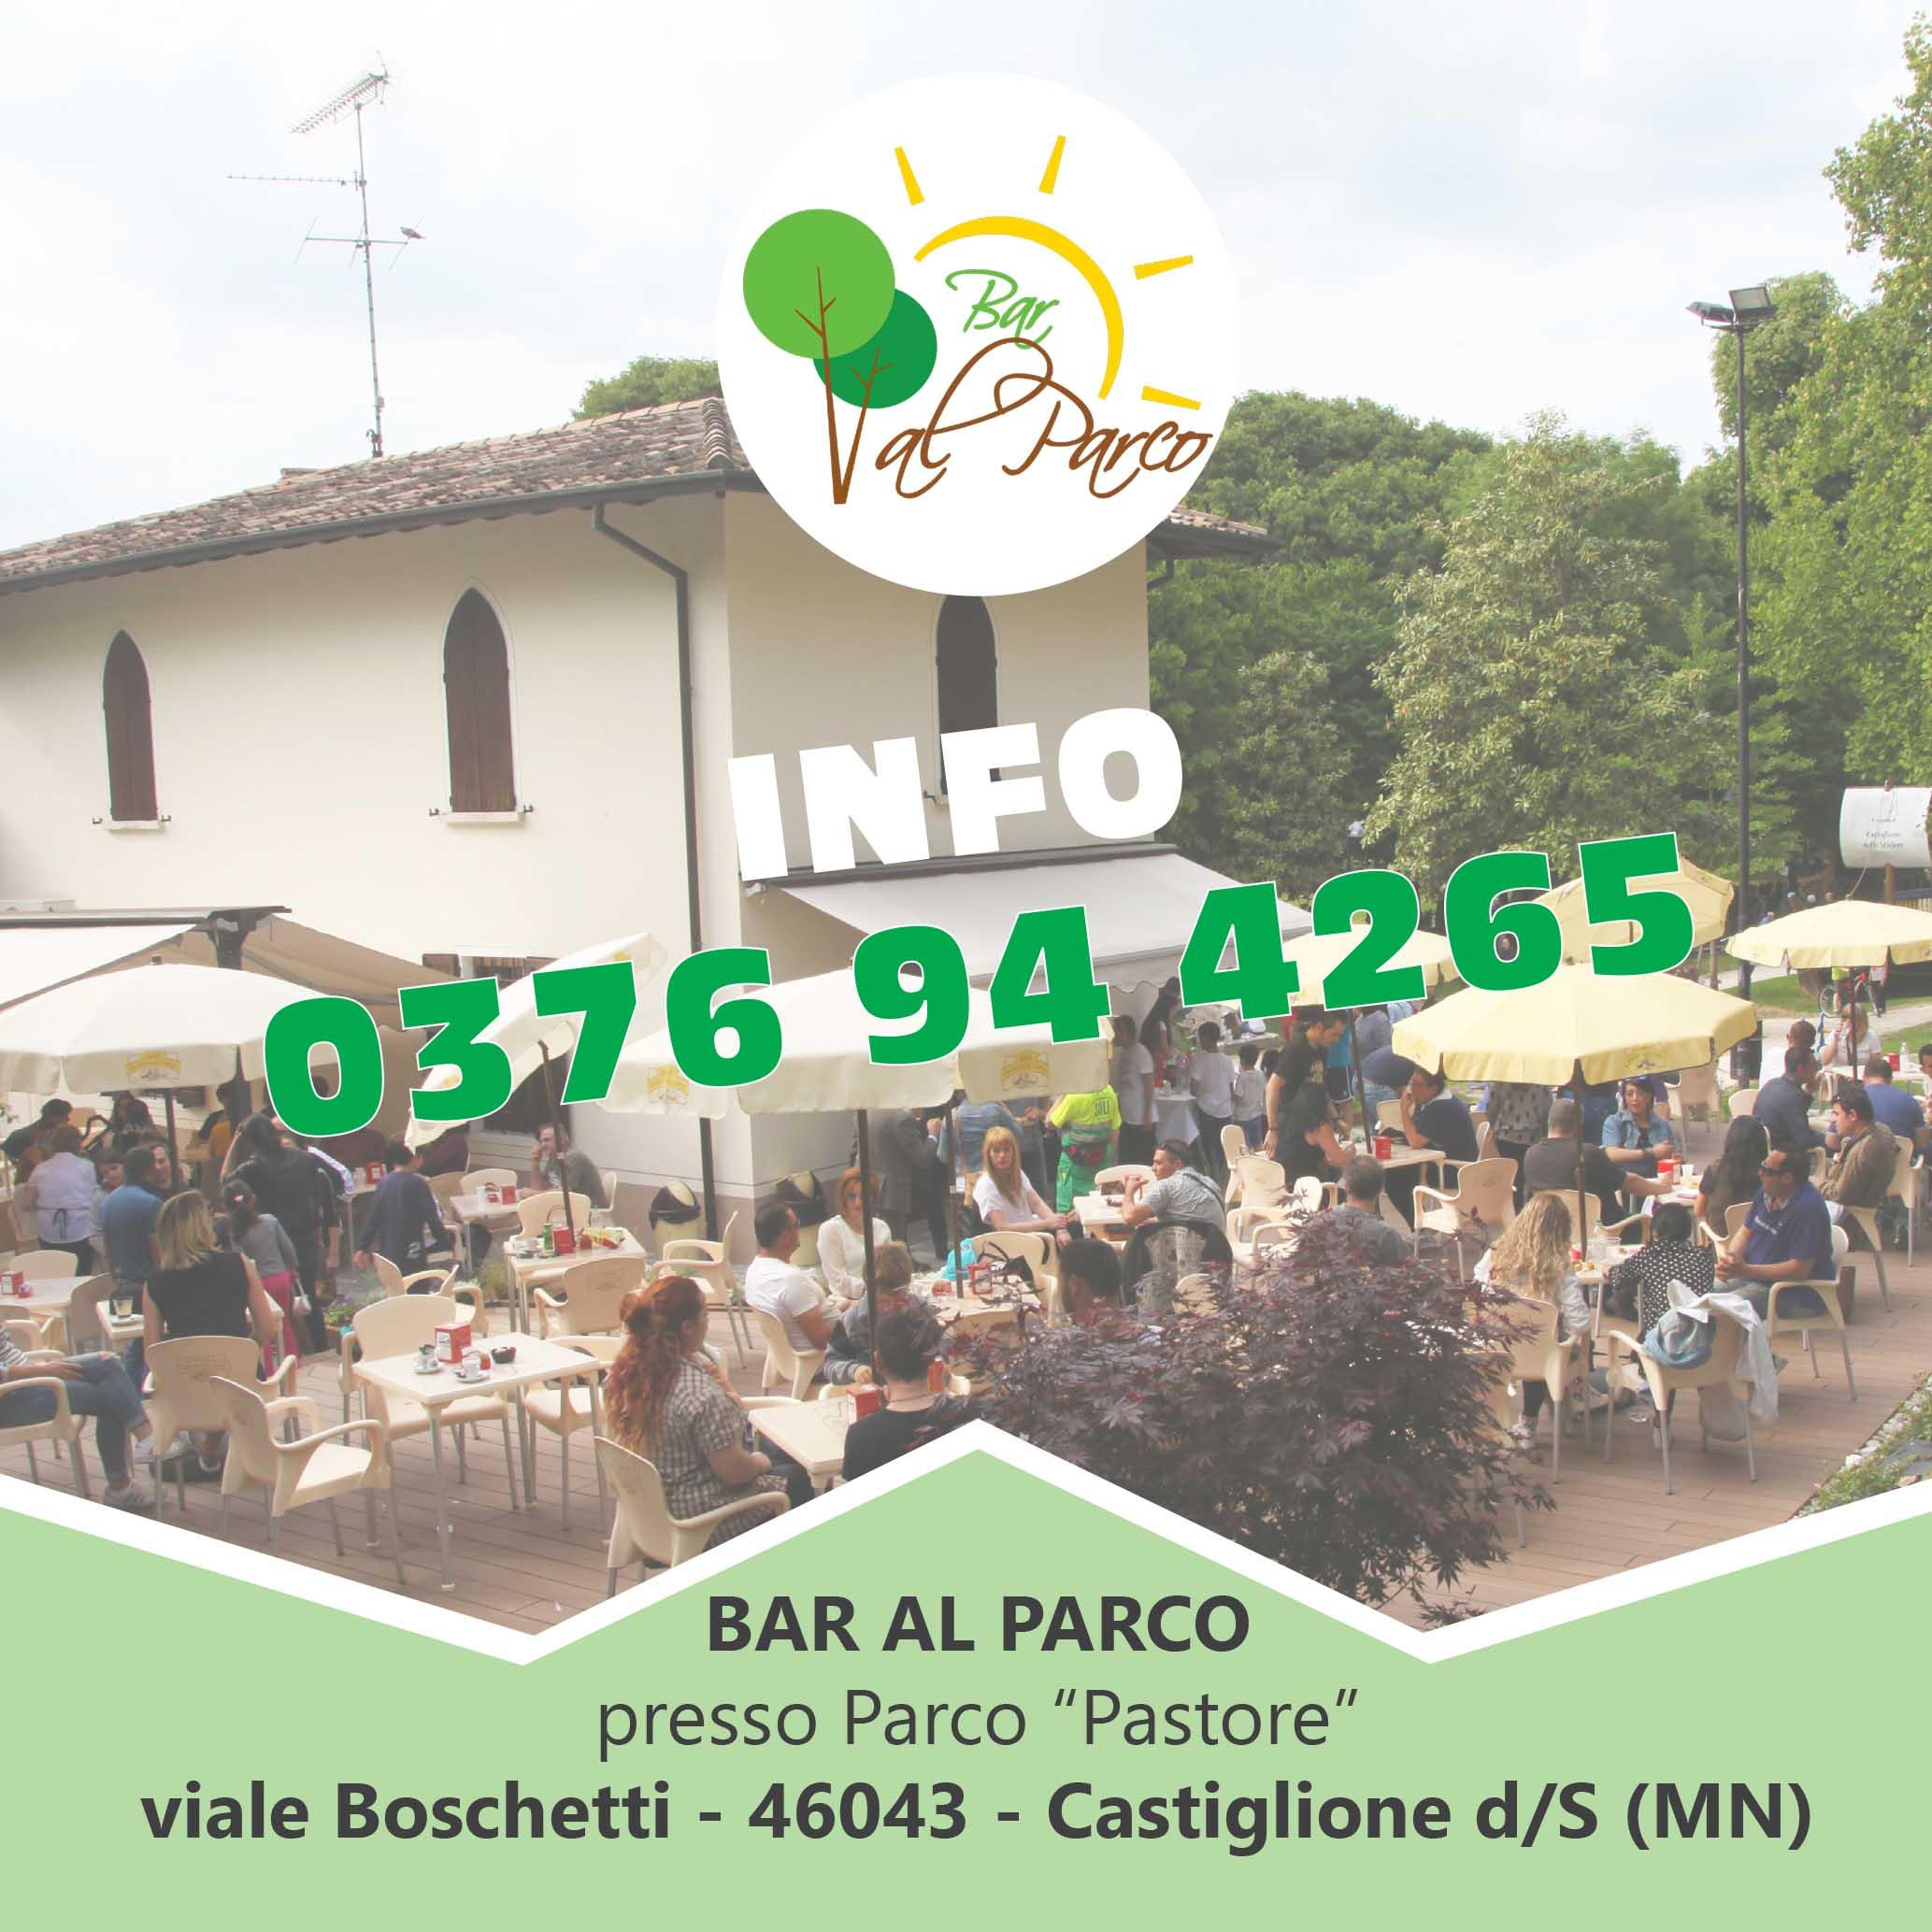 Bar al Parco